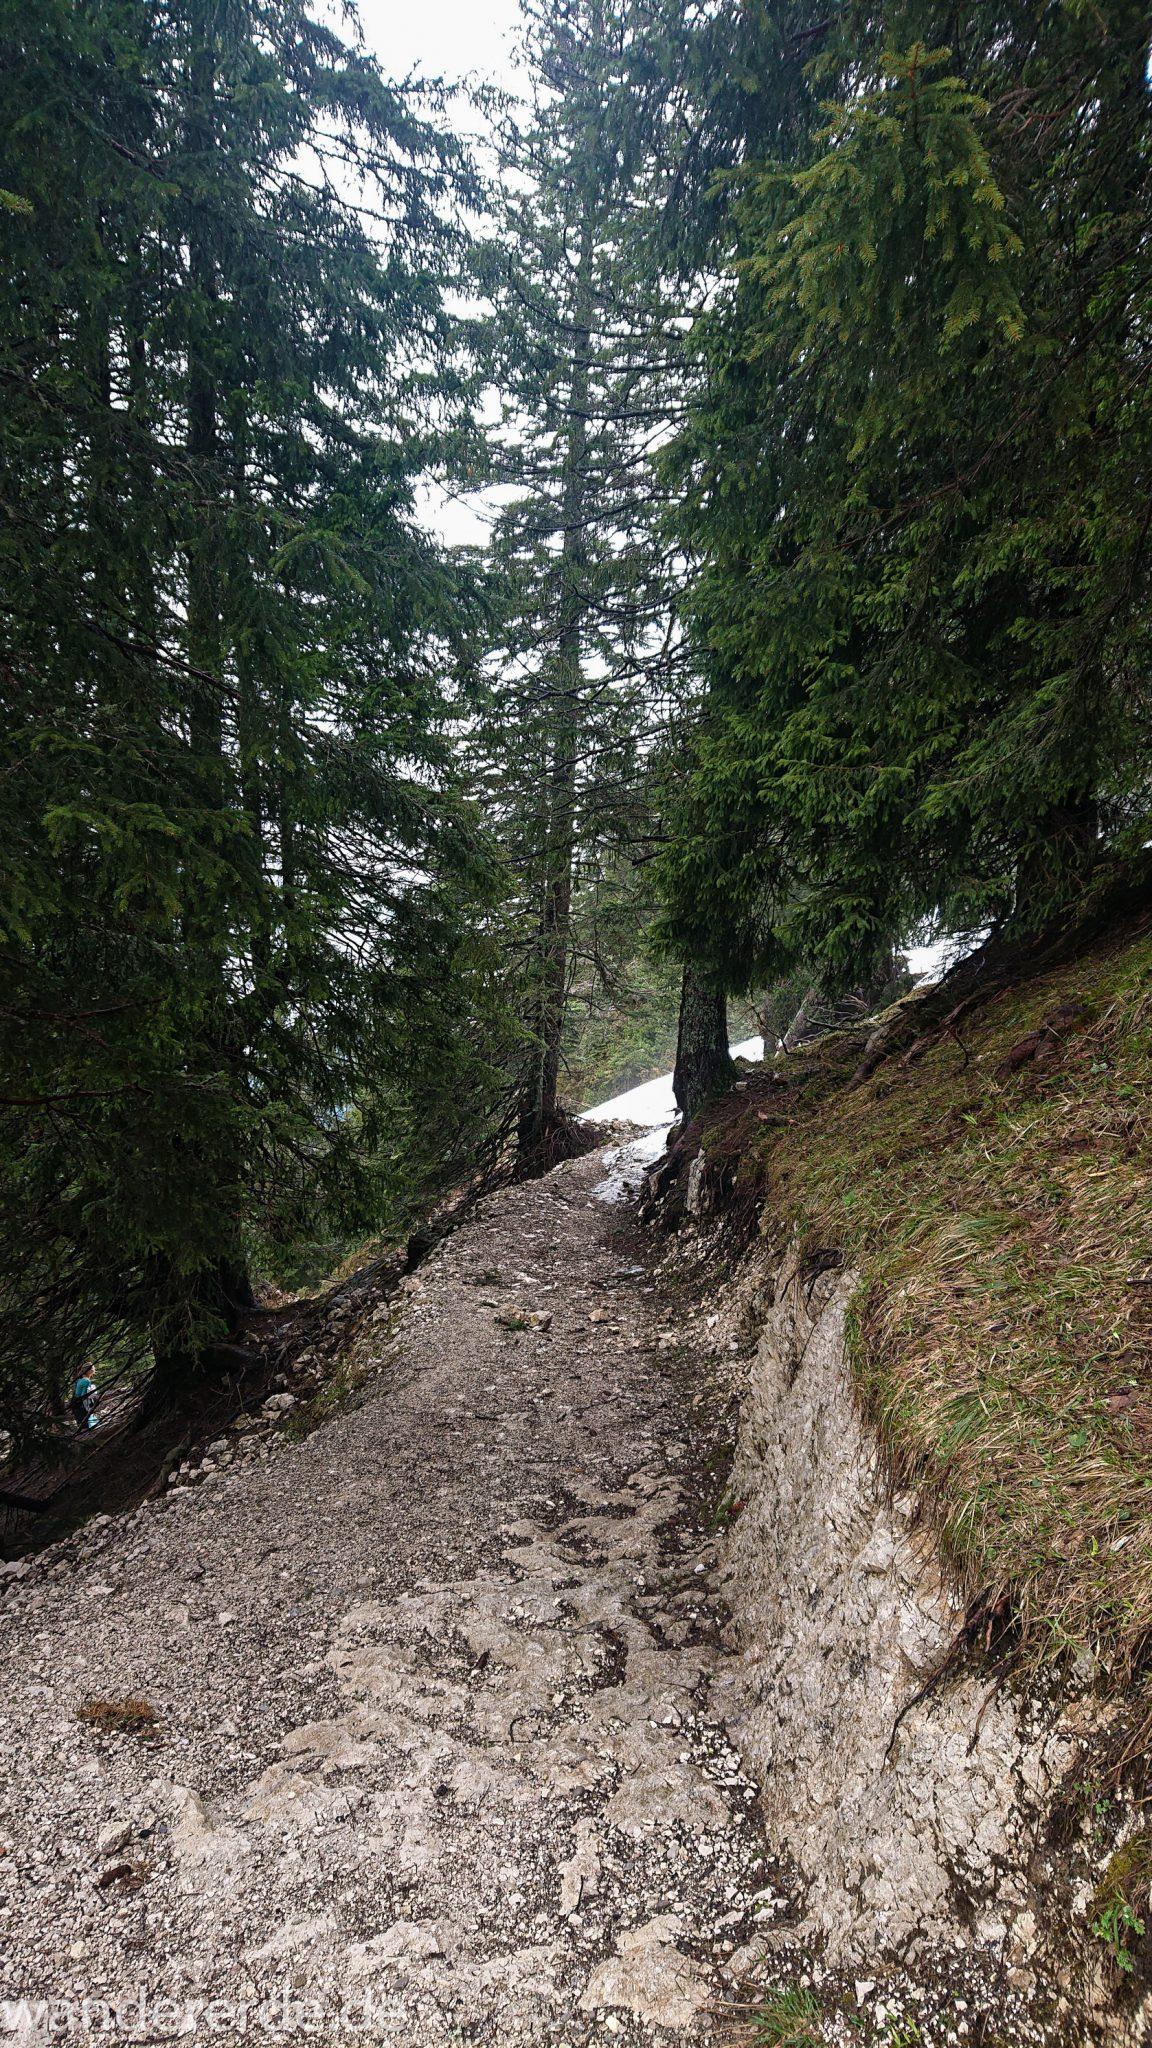 Tegelbergkopf Wanderung bei Stadt Füssen – Parkplatz Drehhütte bis Rohrkopfhütte, Wanderweg steil bergauf zum Tegelberg durch schönen und dichten Wald, wolkig, tolle Atmosphäre, saftig grüne Wiese, Schneefelder